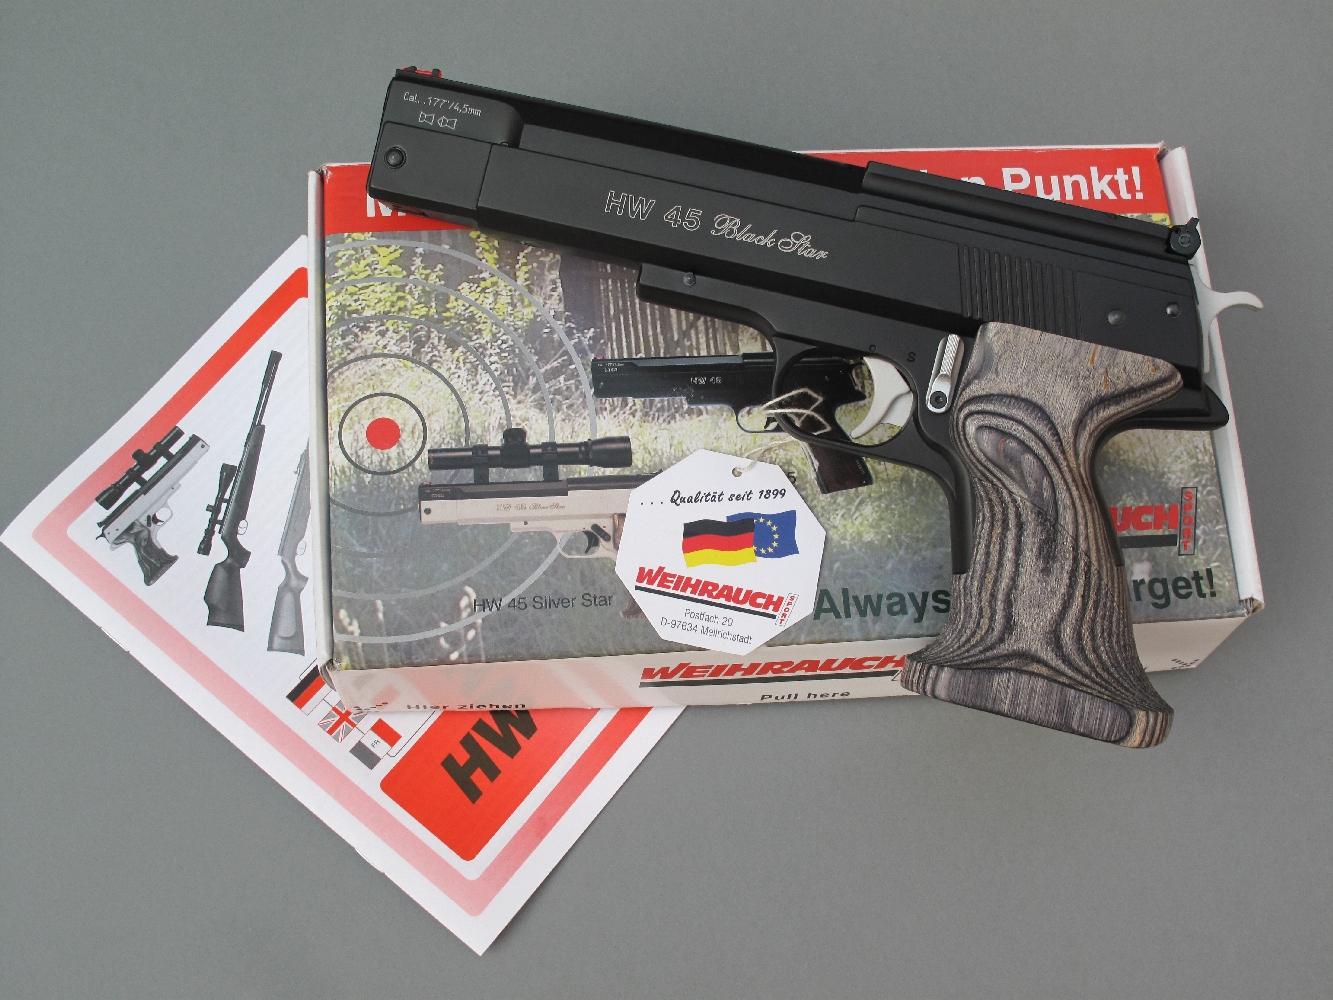 Le Weihrauch HW 45 Balck Star est un pistolet à air comprimé imposant et relativement lourd, dont la structure est entièrement métallique.